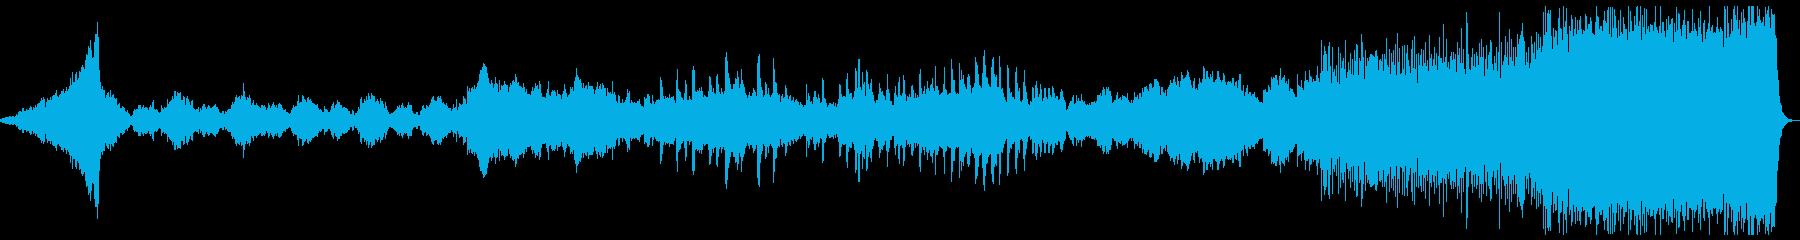 ポップ ロック 現代的 交響曲 エ...の再生済みの波形